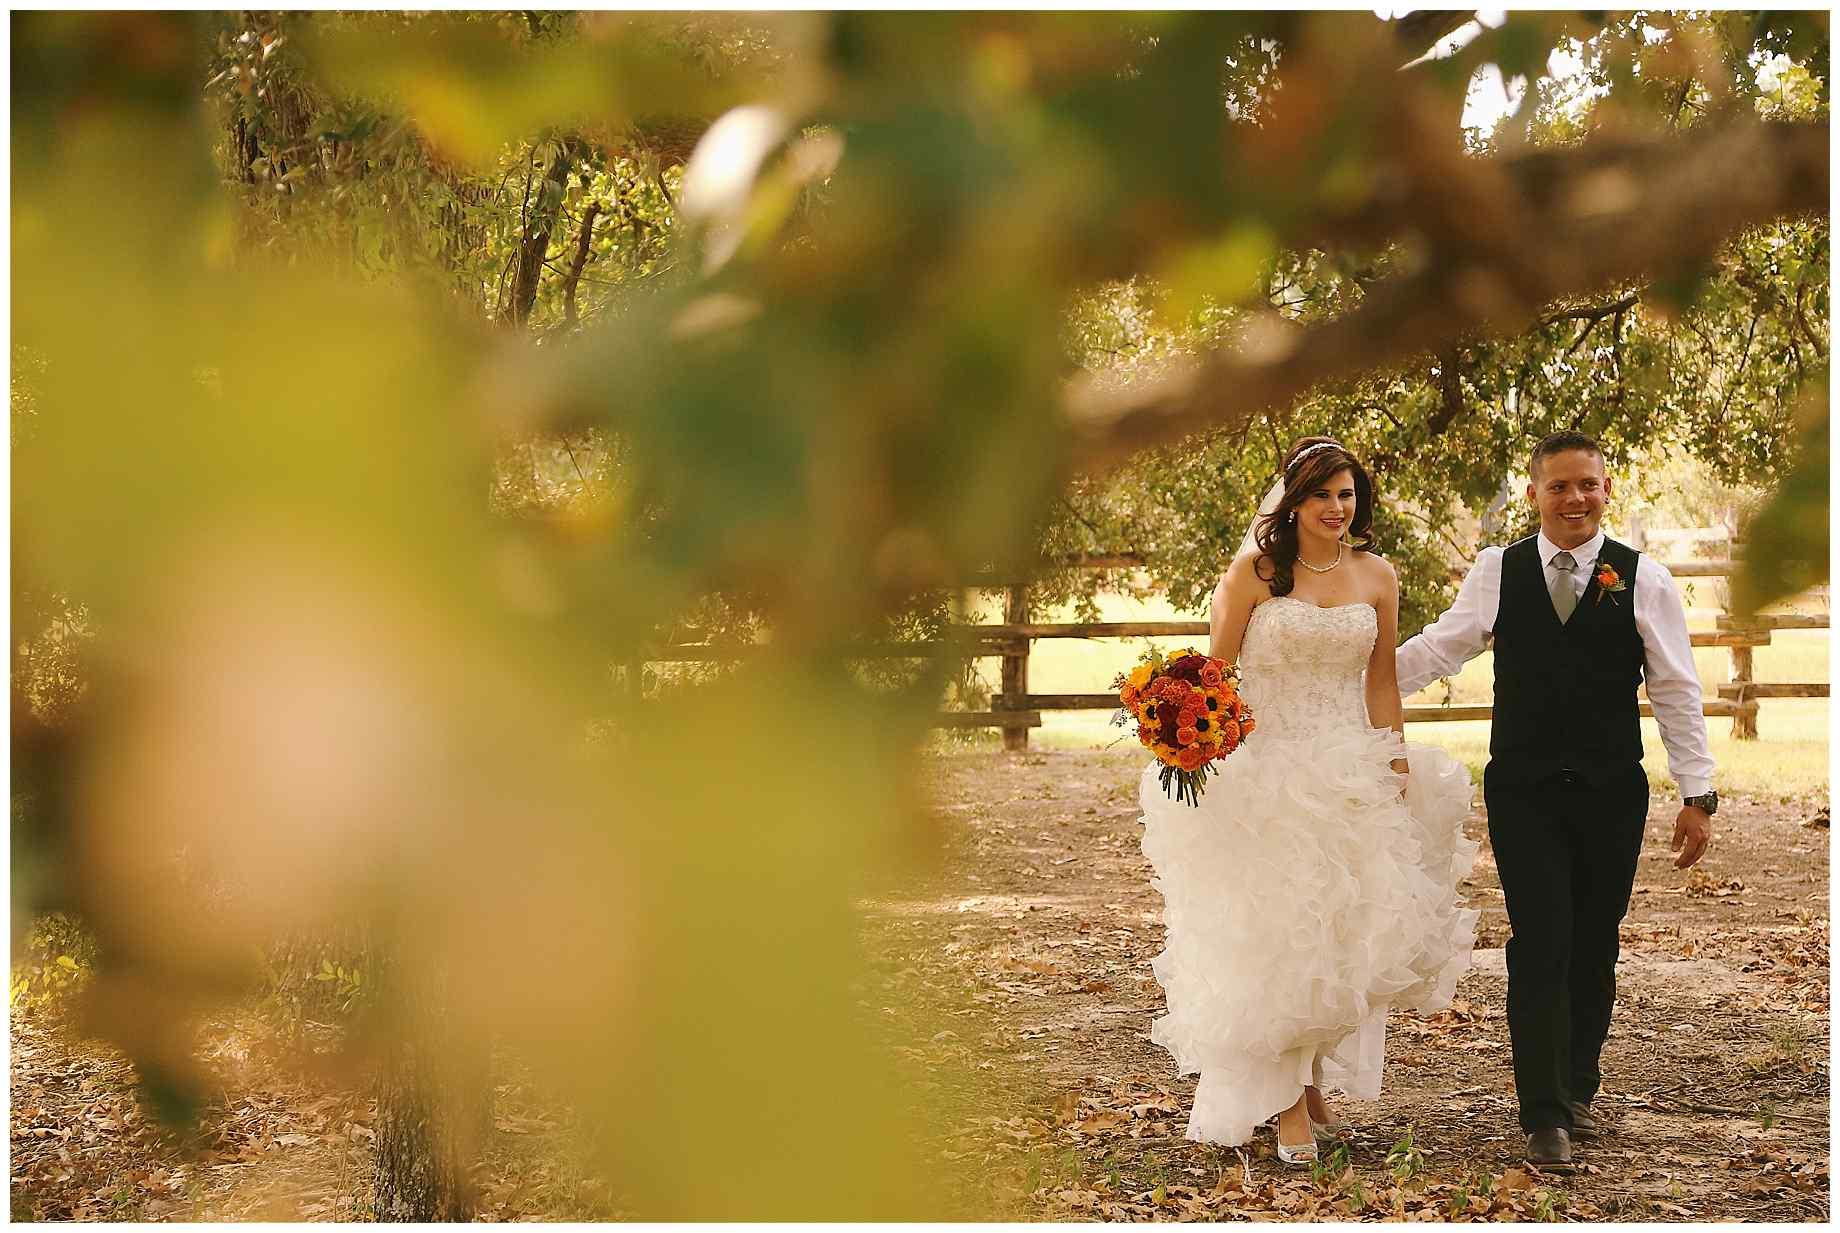 top-10-wedding-photos-of-2015-007